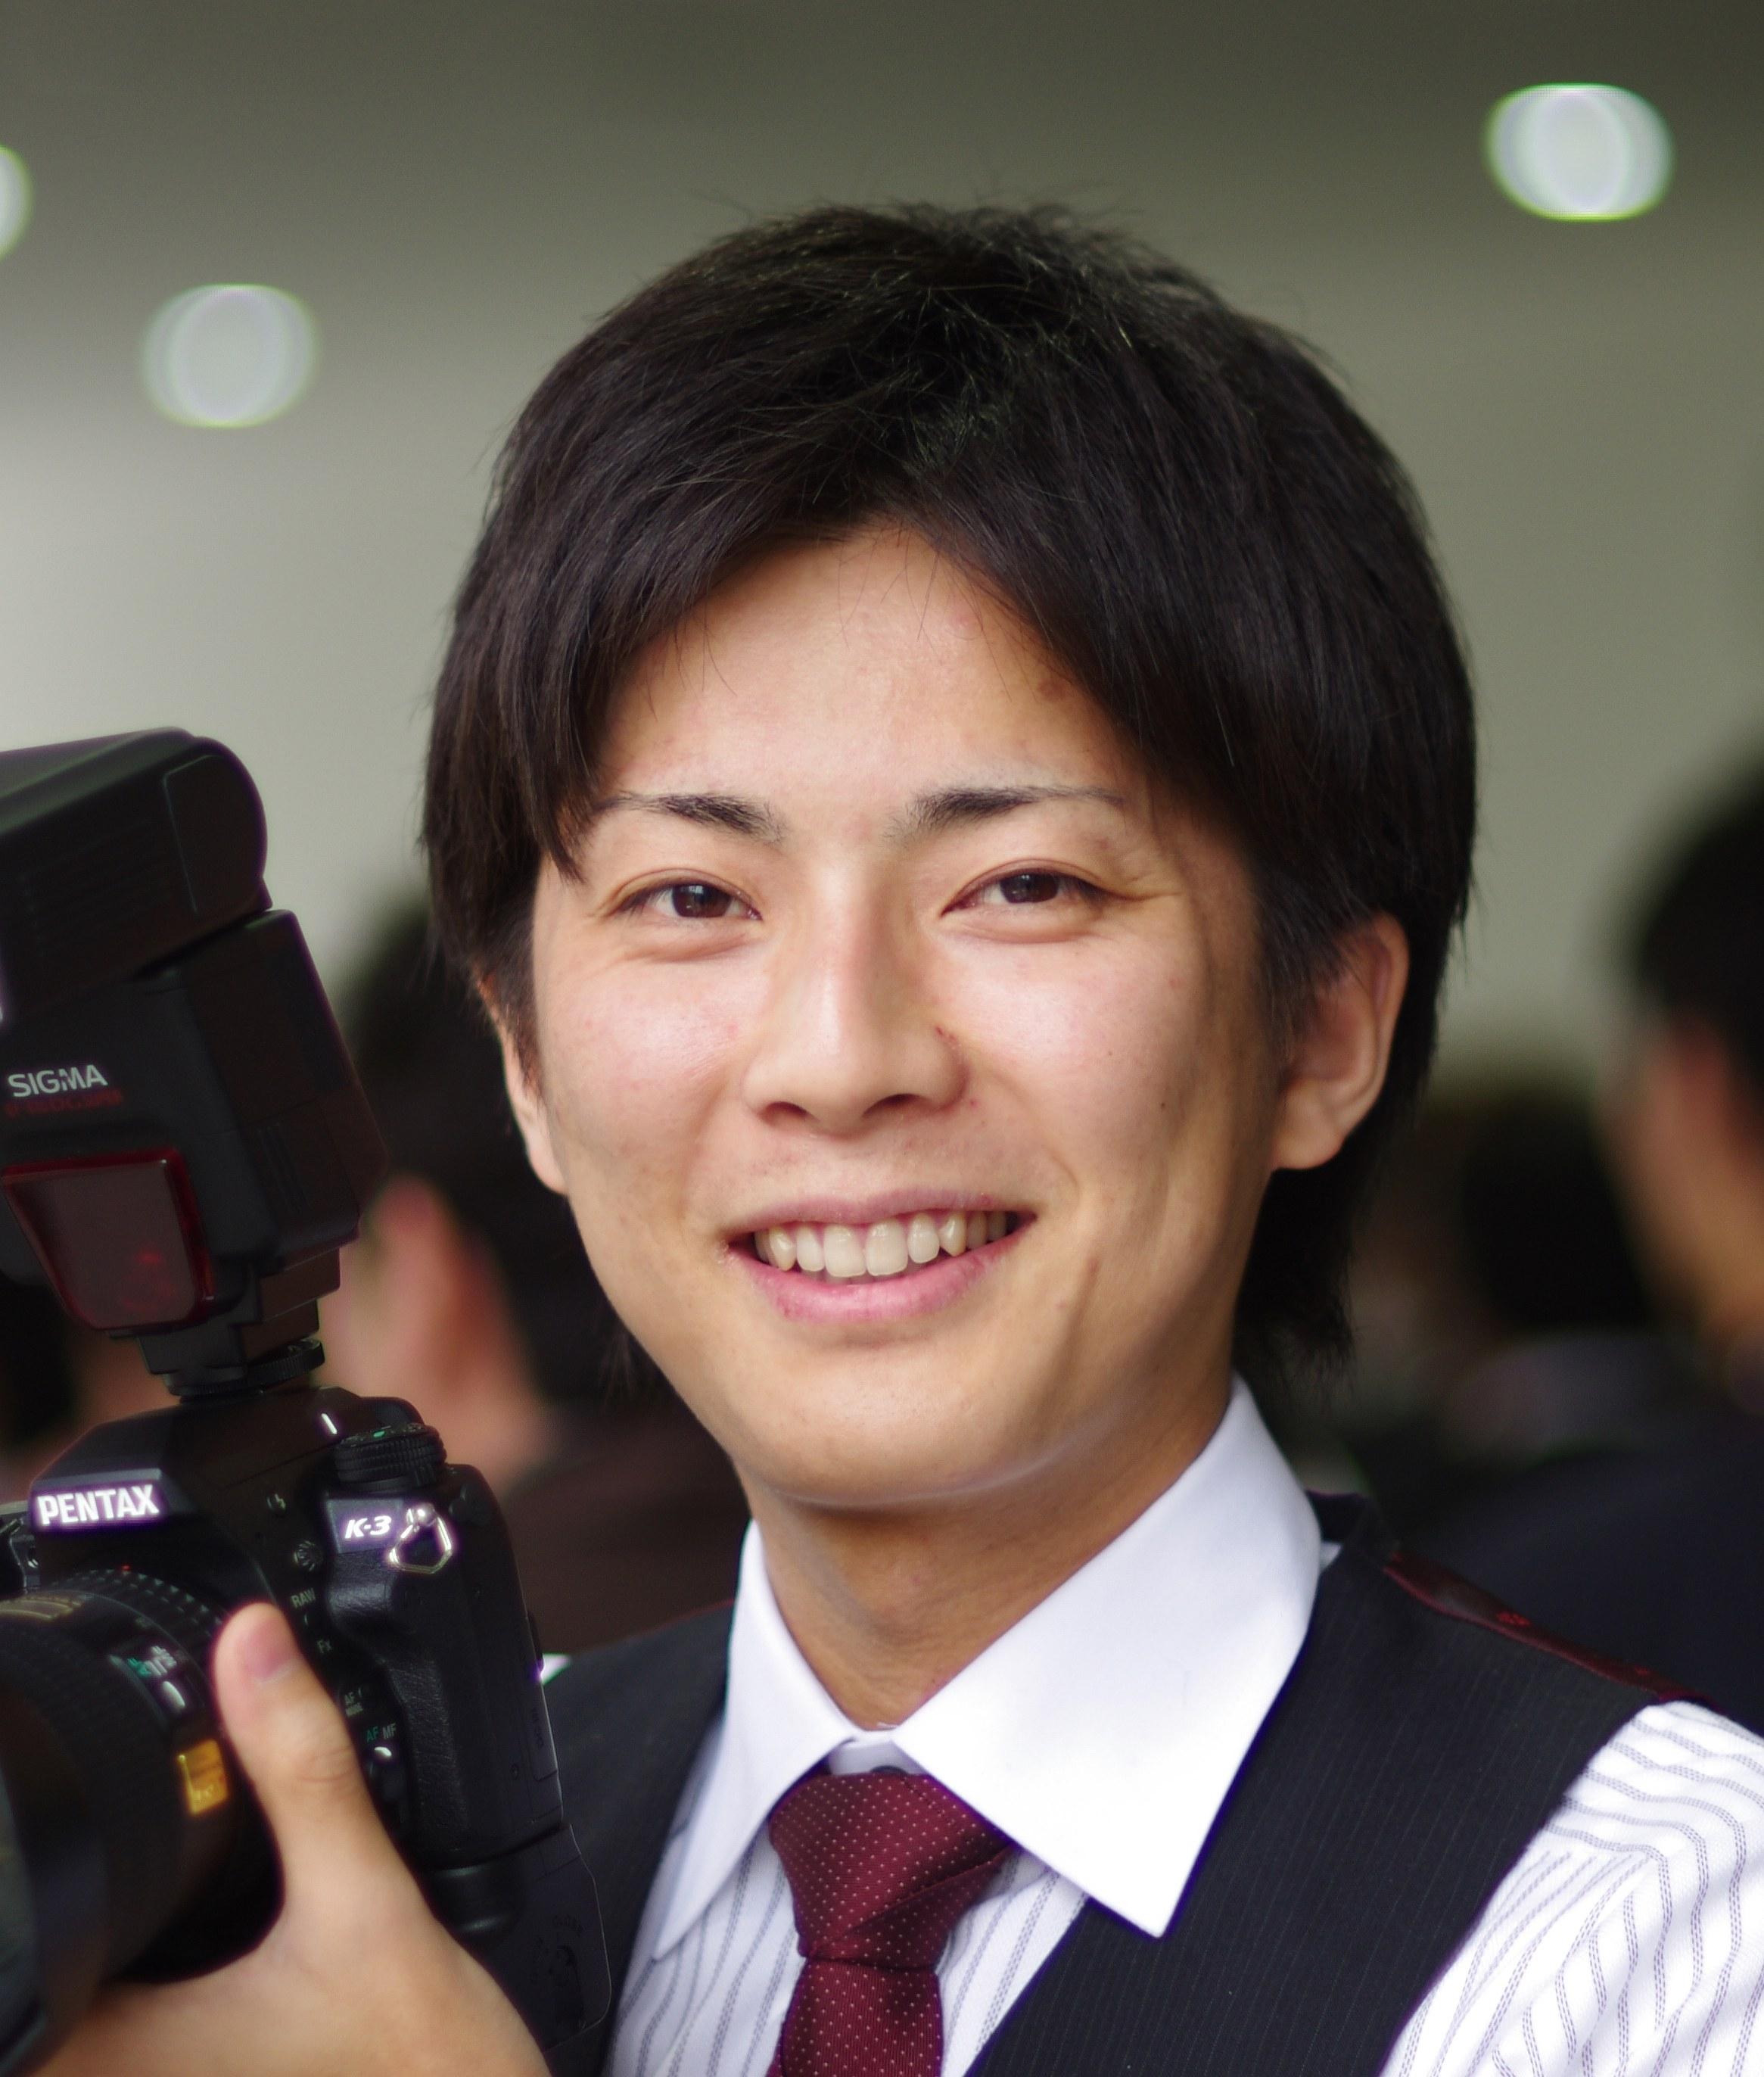 Hideto Ito